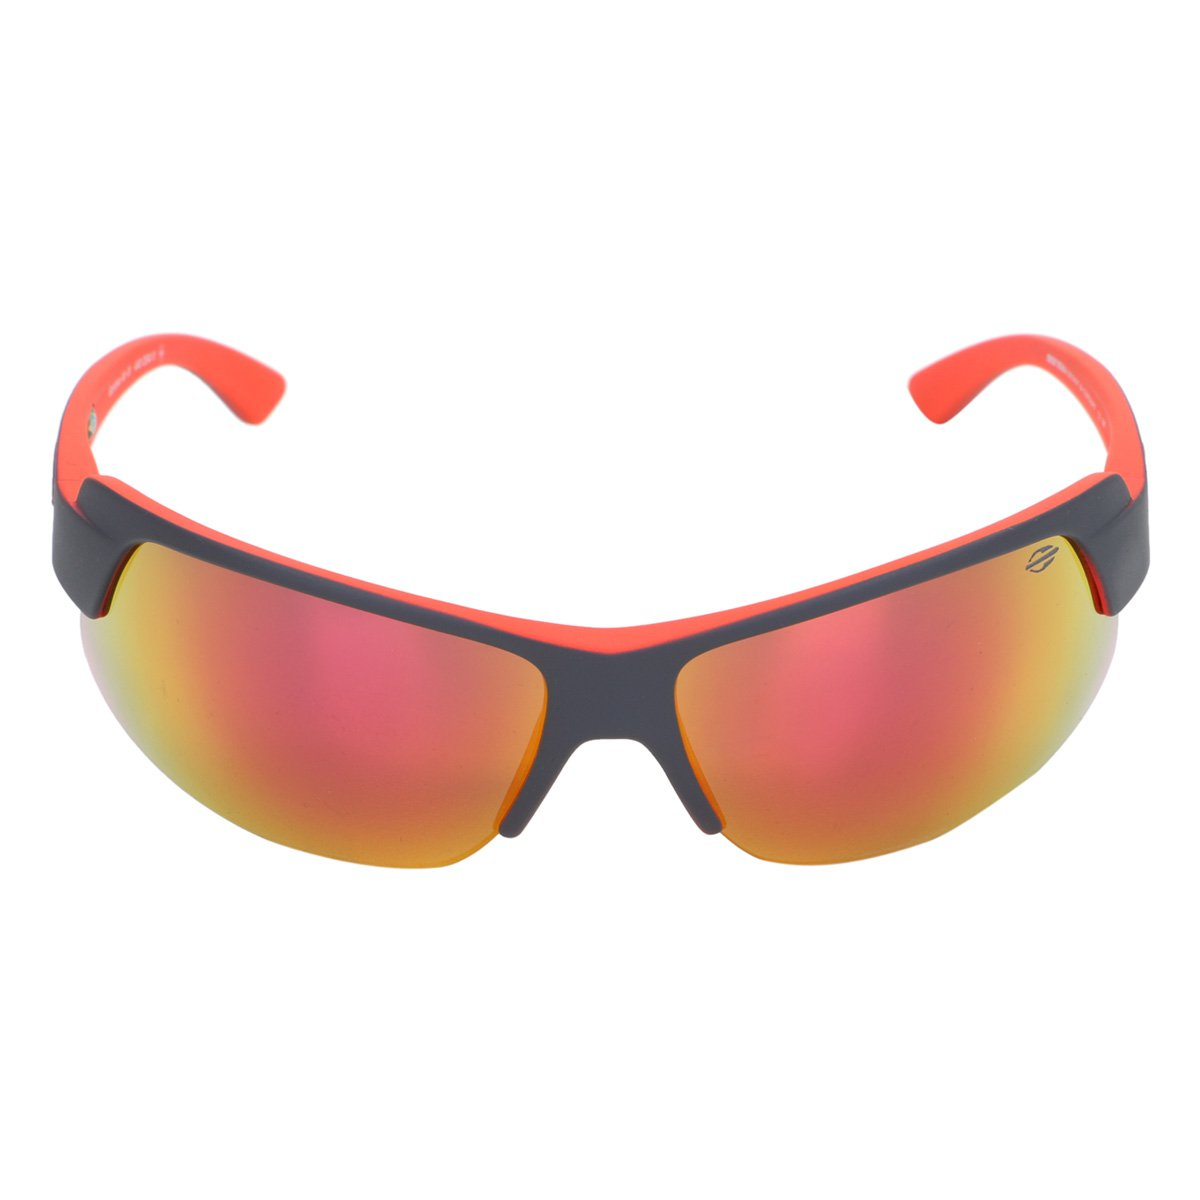 6c62bcc7afc0a Óculos Mormaii Gamboa Air 3 - Vermelho e Laranja - Compre Agora ...